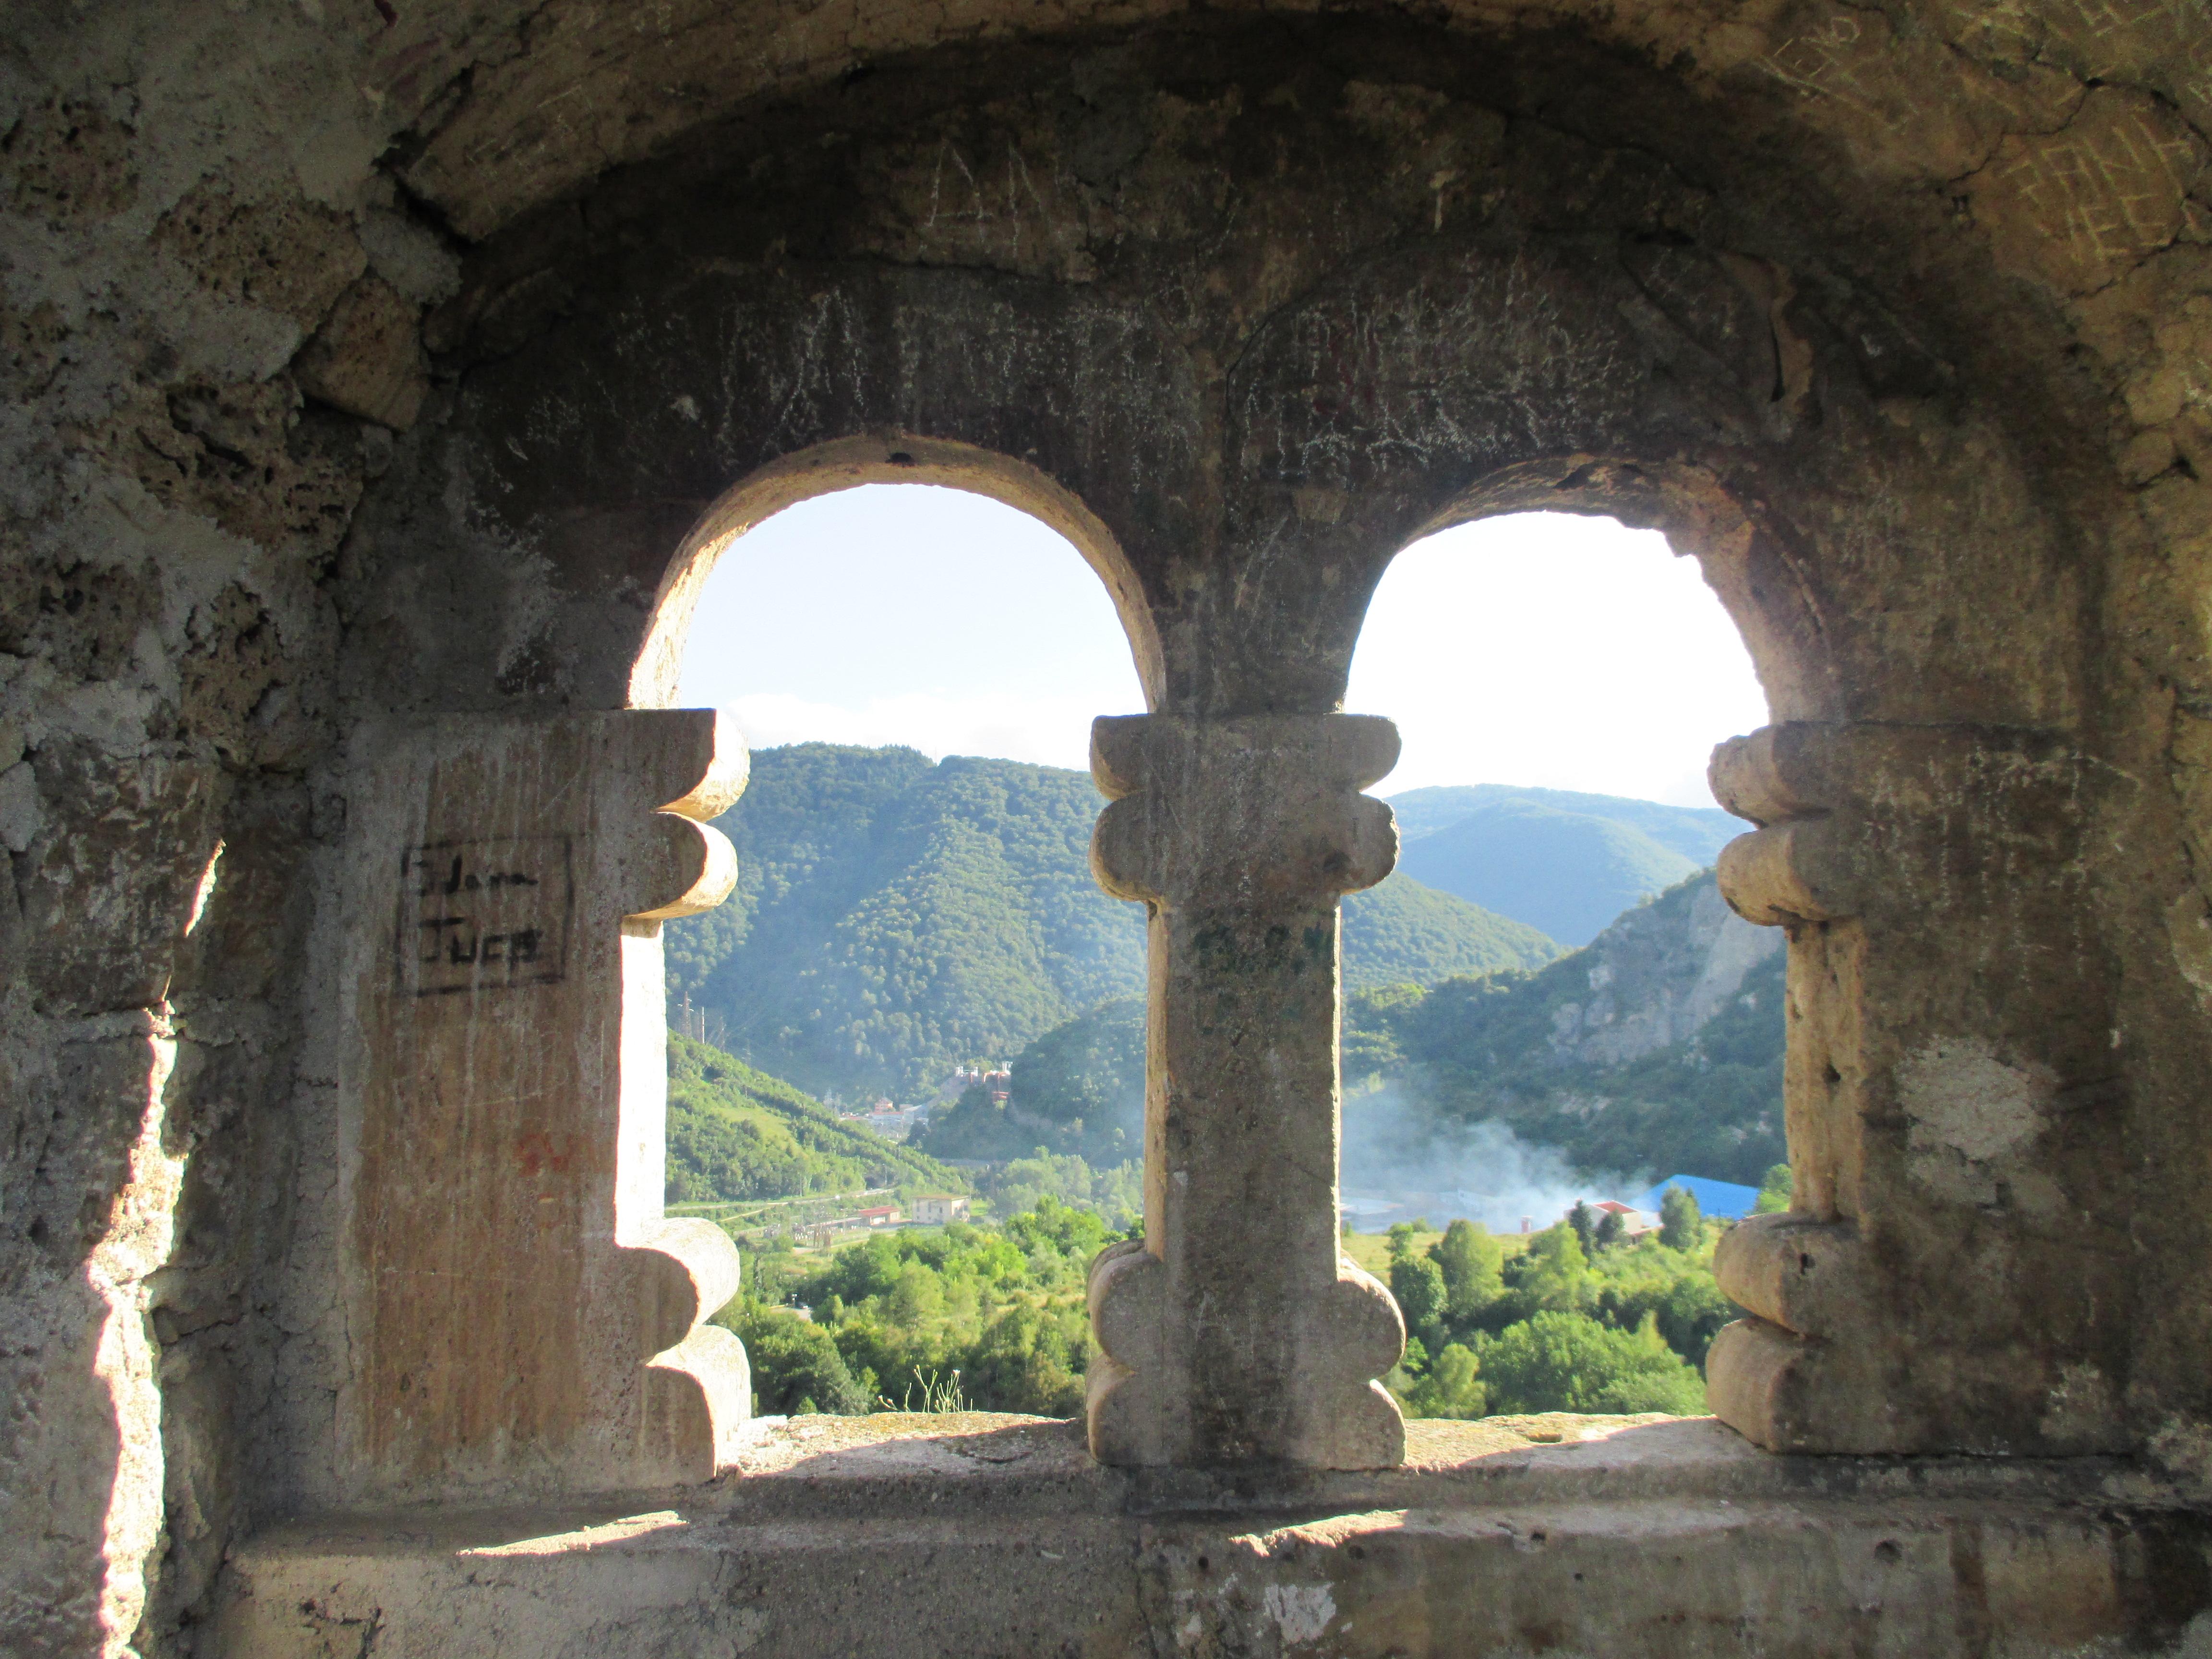 filejajce castle windowjpg